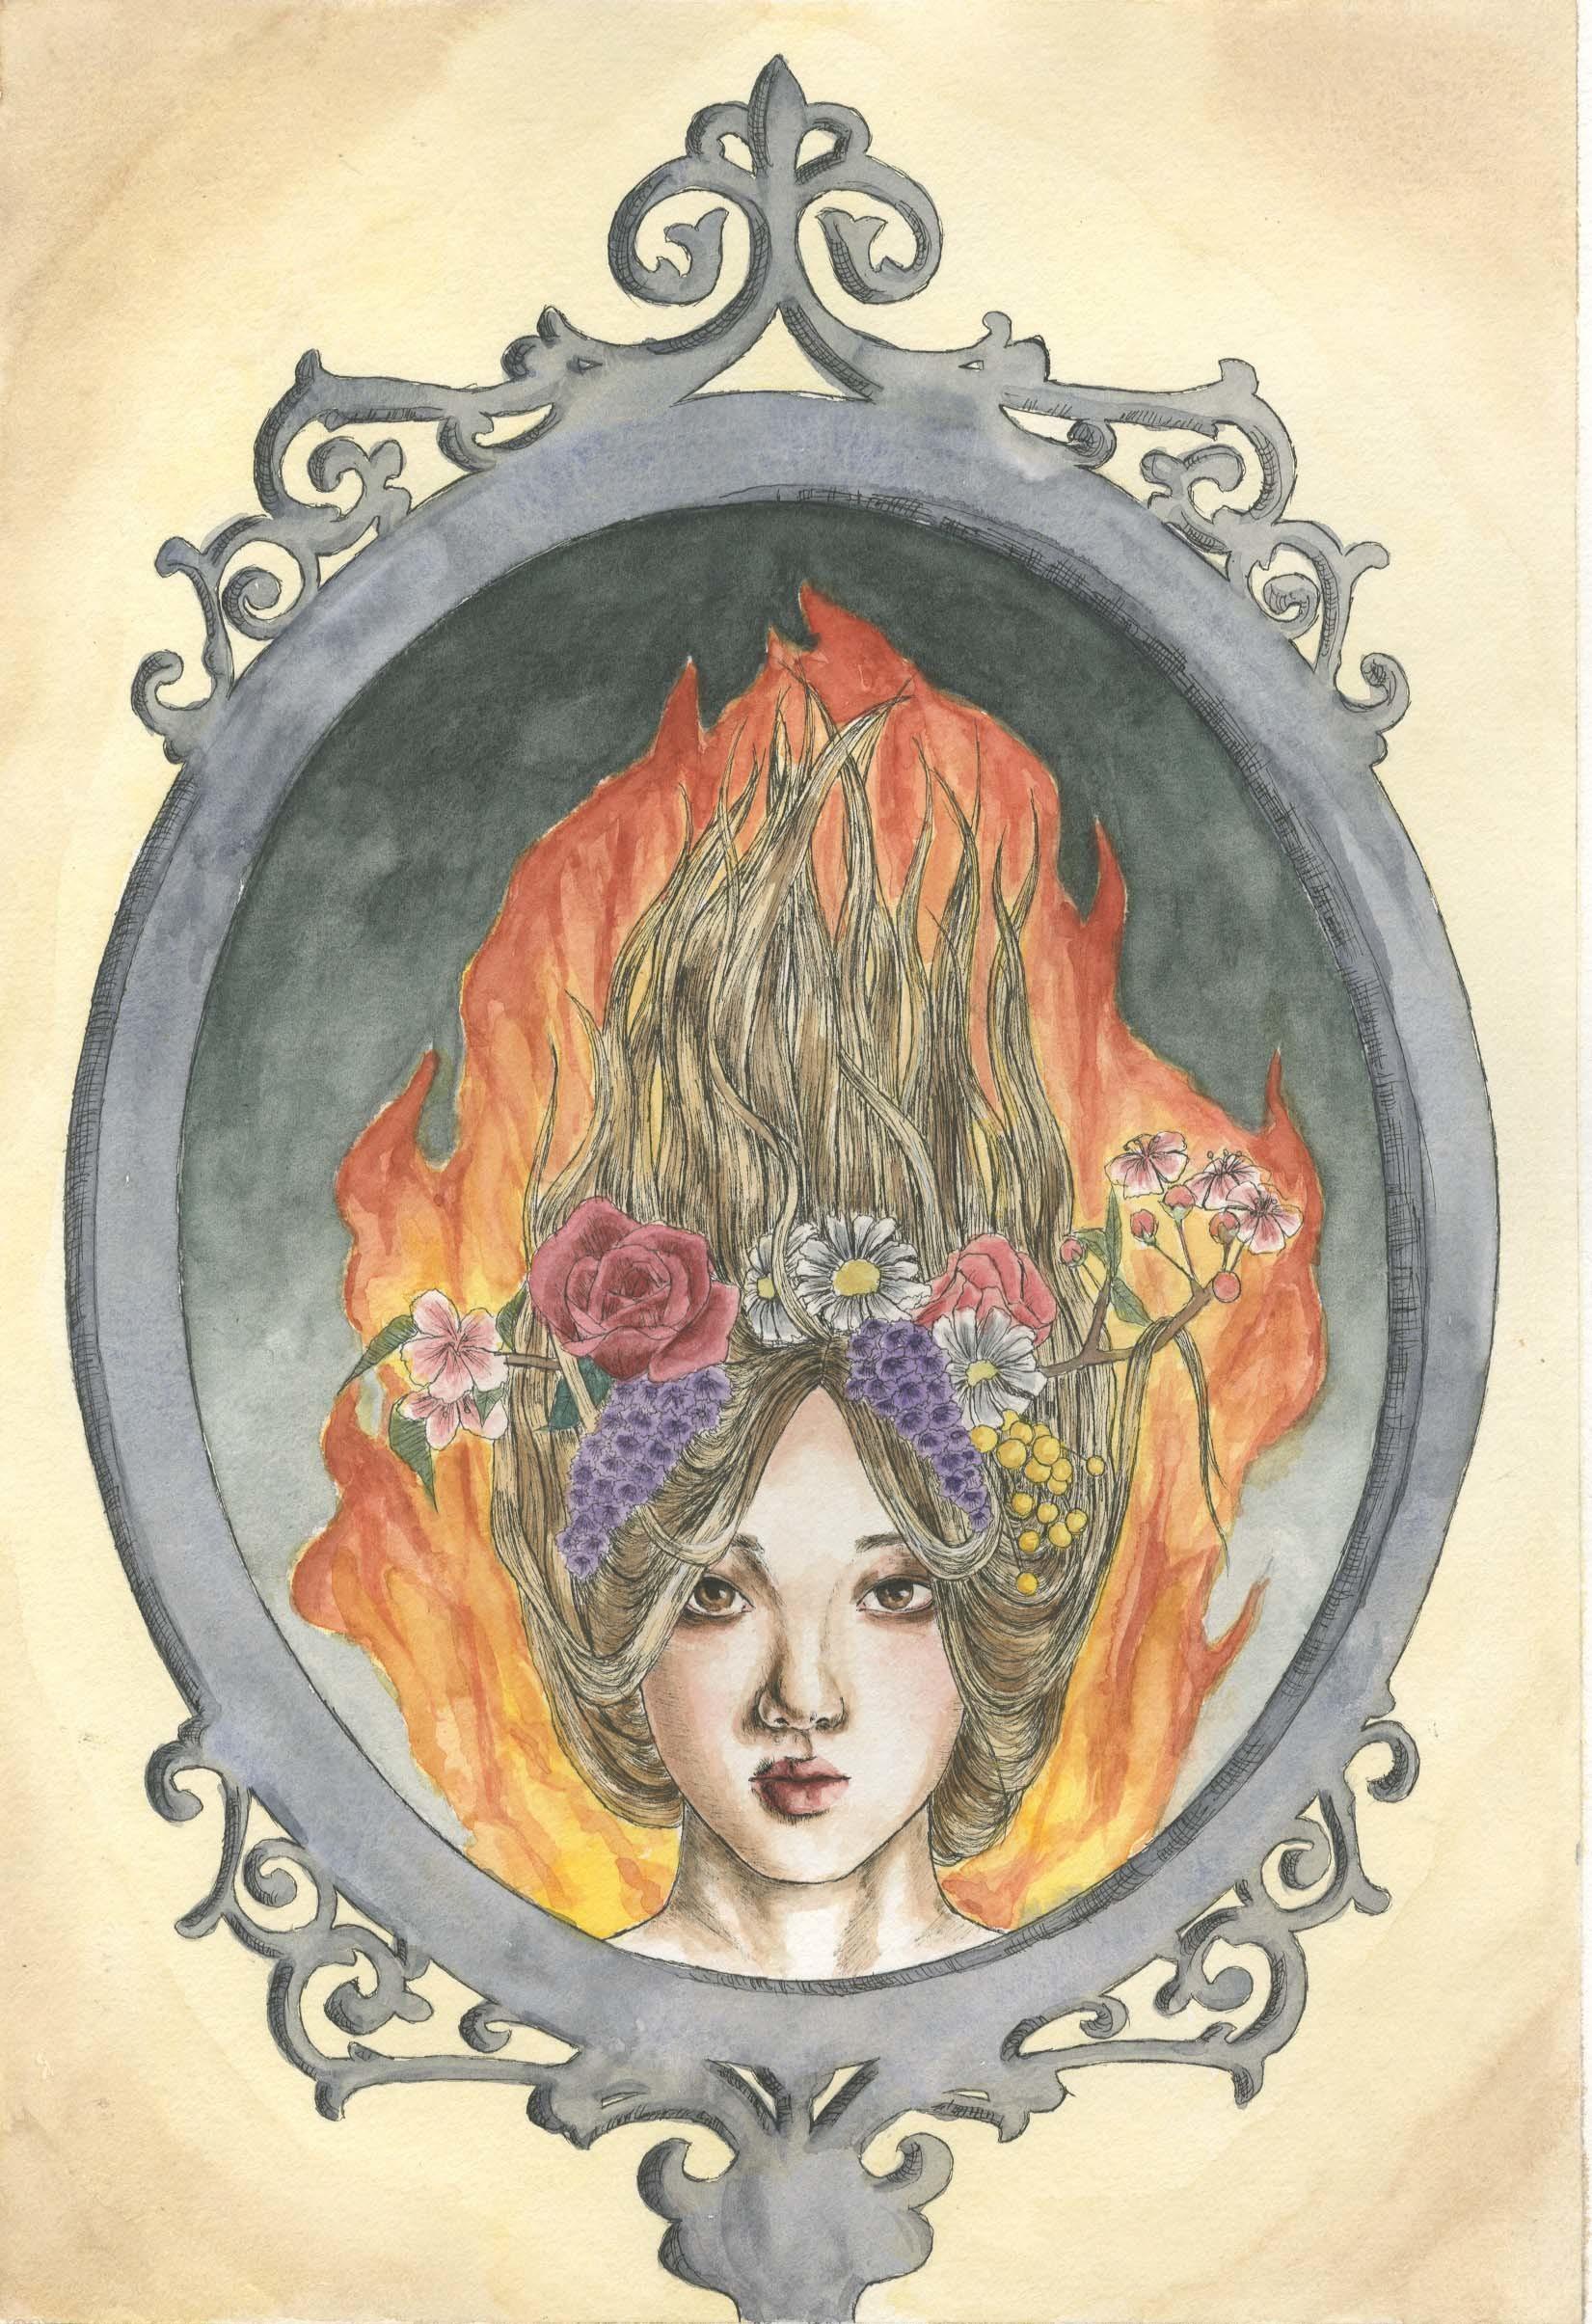 Semele student artwork from MassArt, Kim